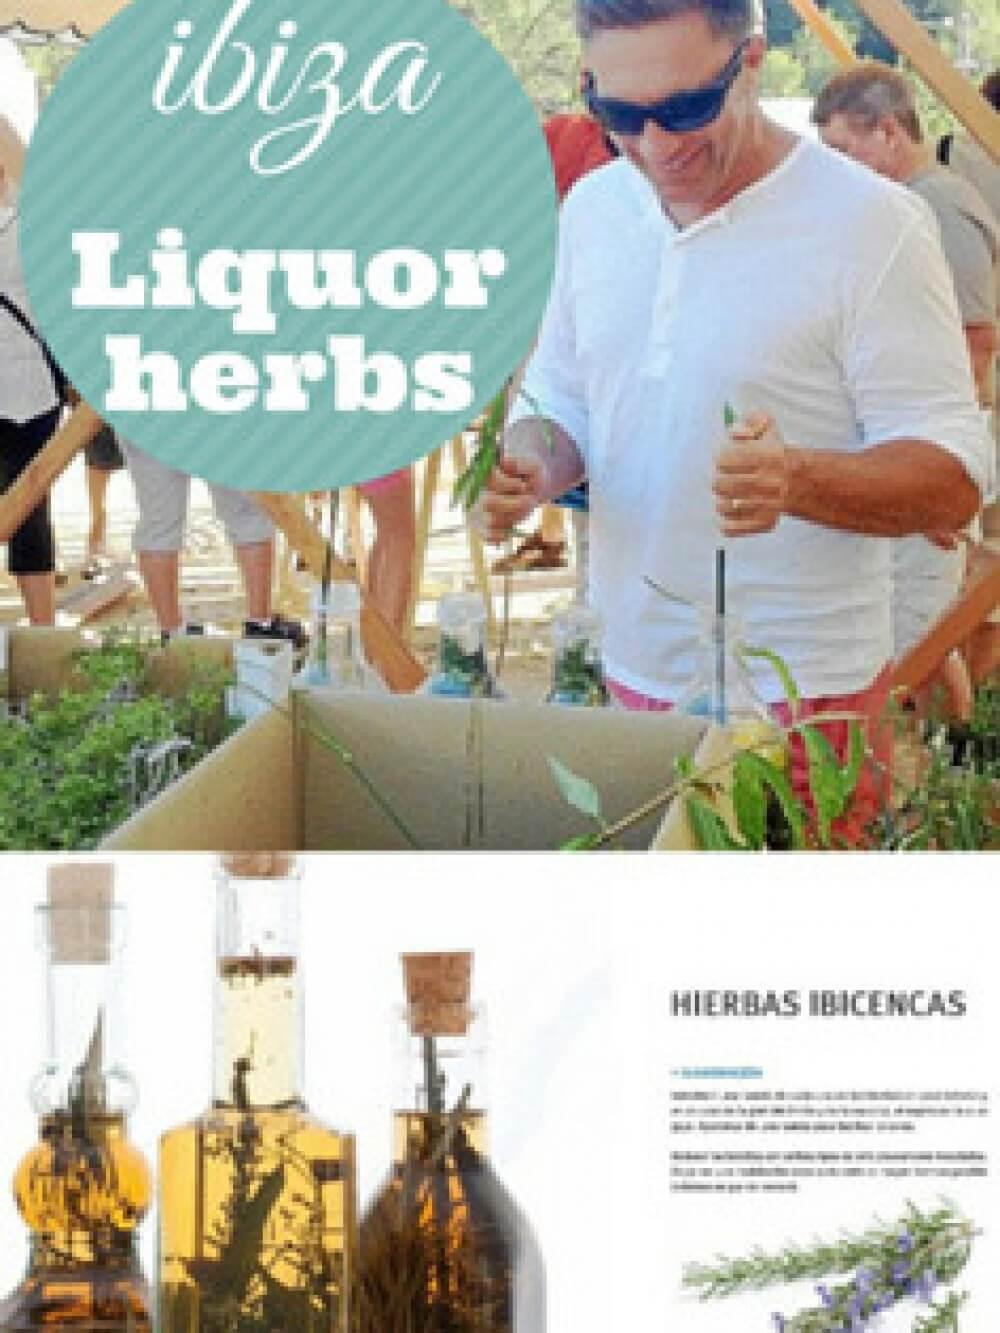 ibiza_liquor_herbs_vertical_web